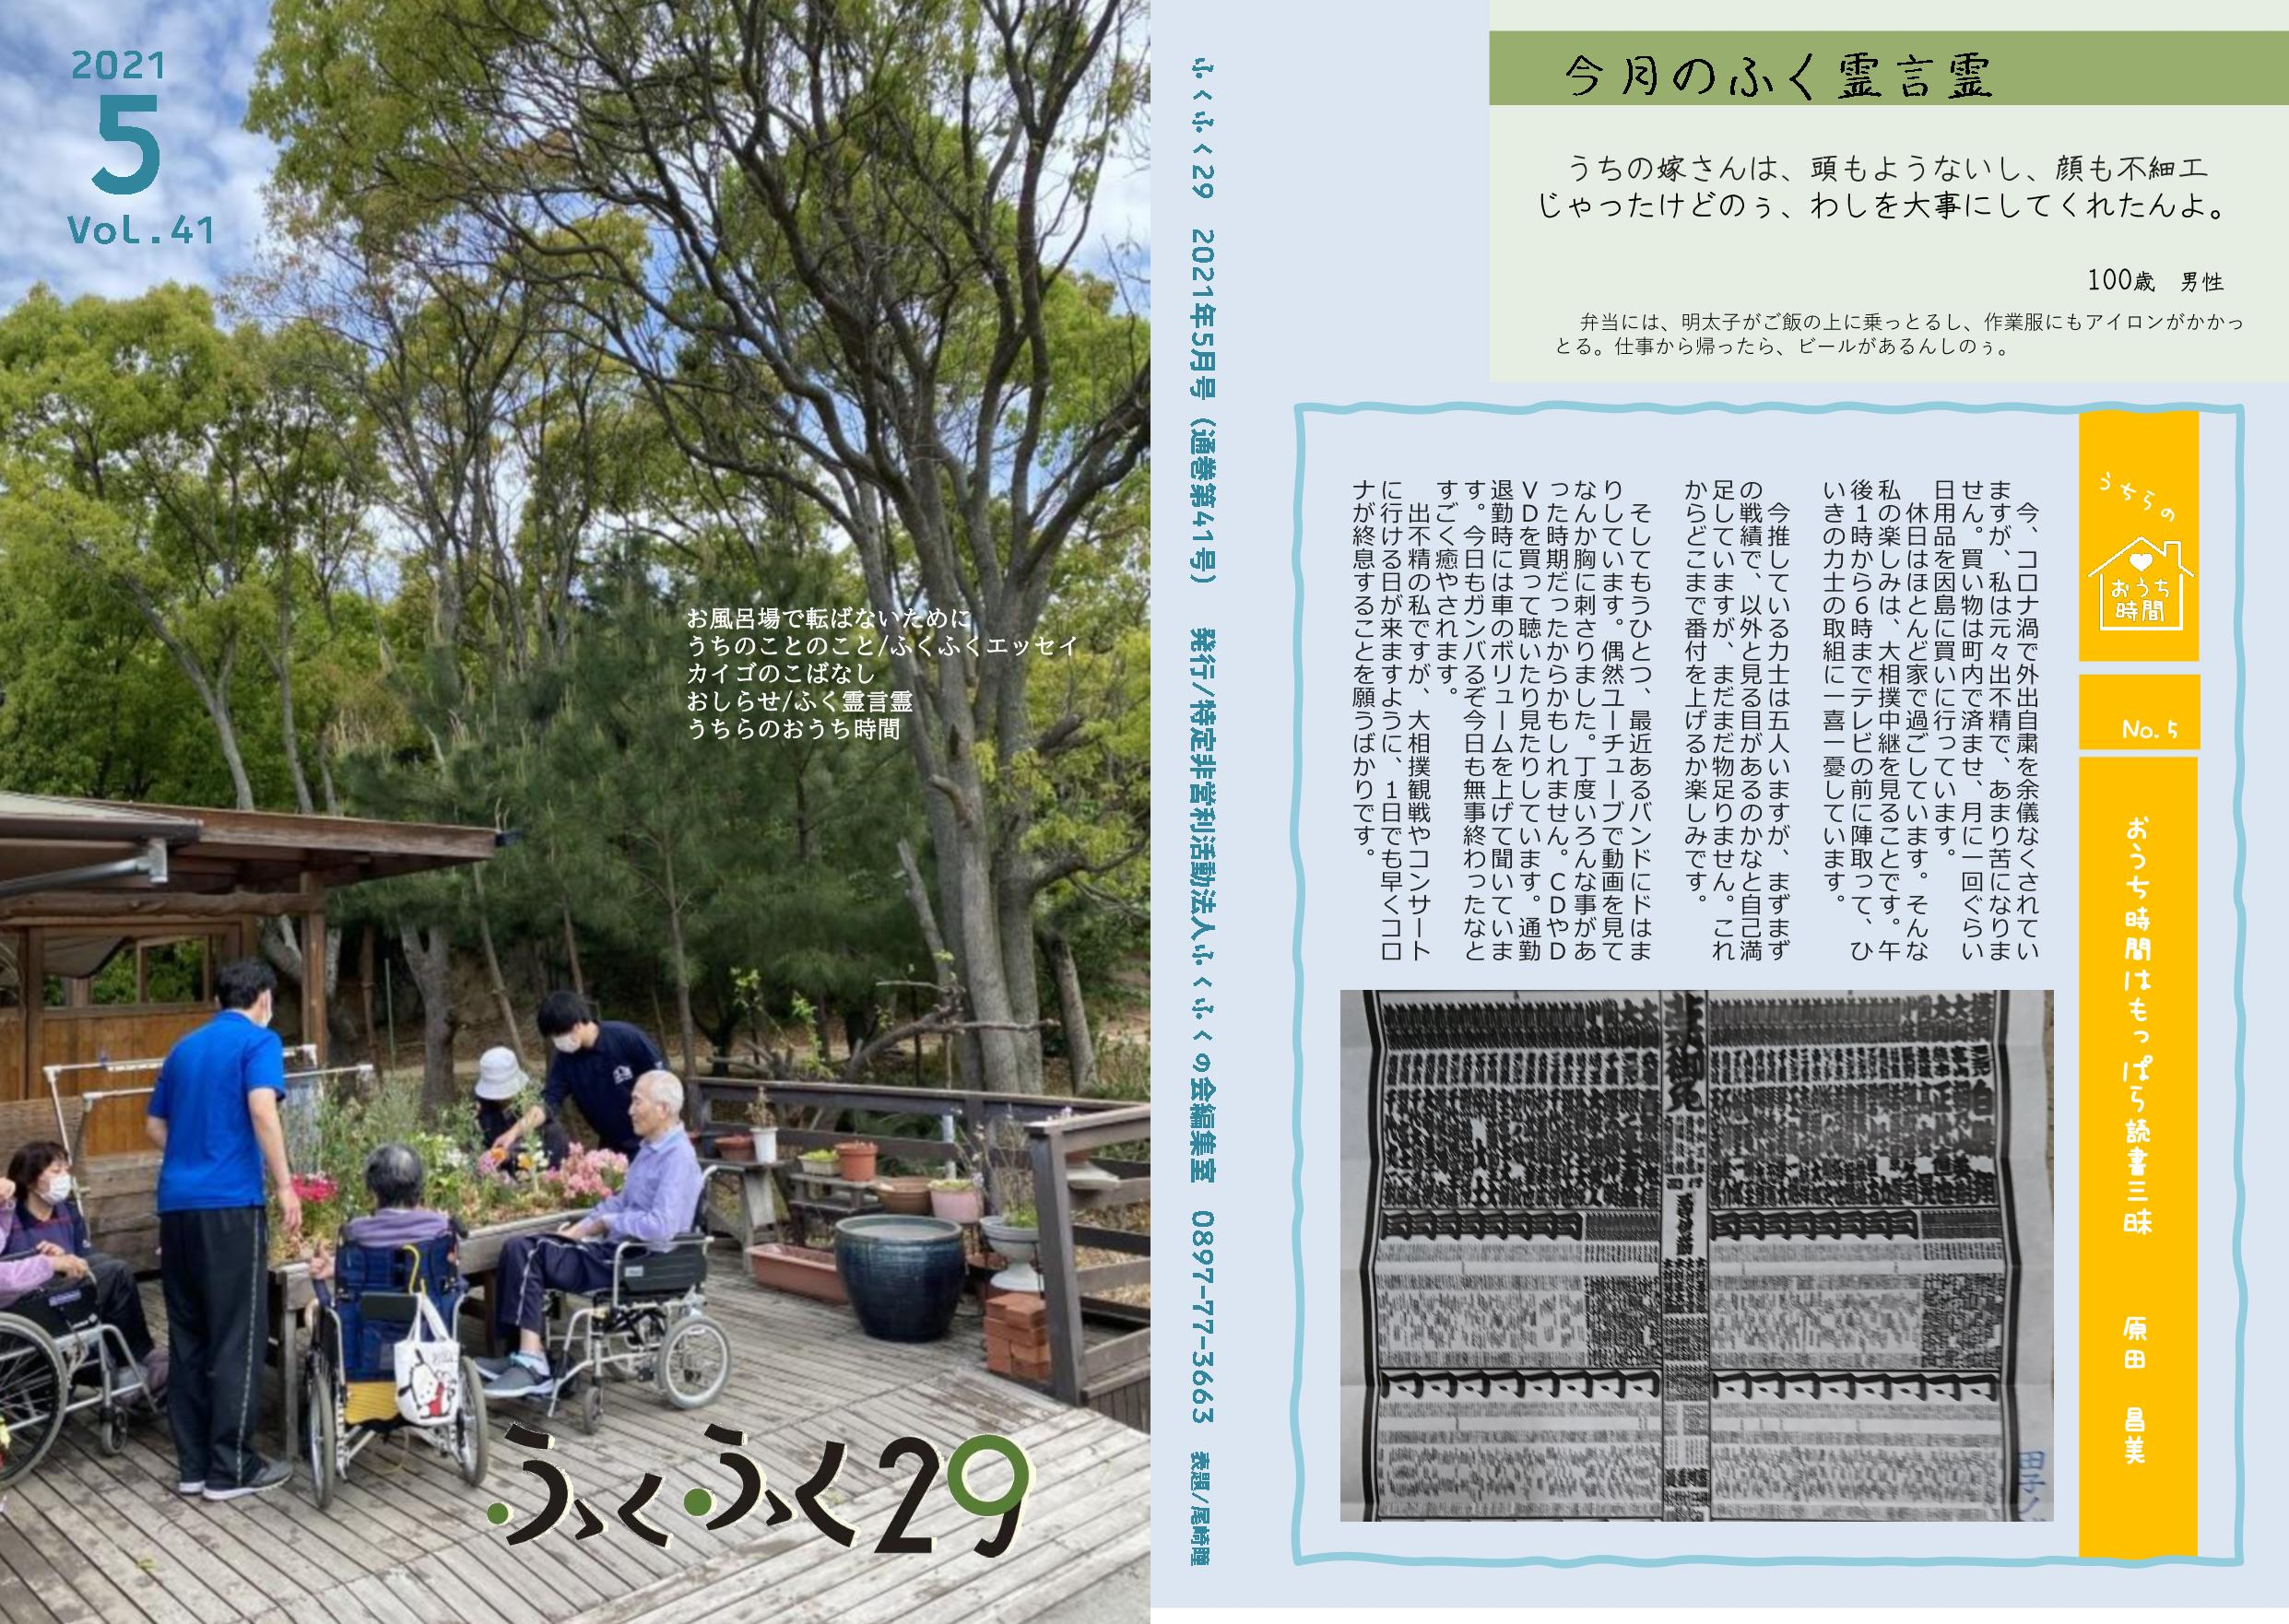 http://fukufukunokai.com/newsletter/images/5%E6%9C%88%E5%8F%B7_cropped_1.jpeg